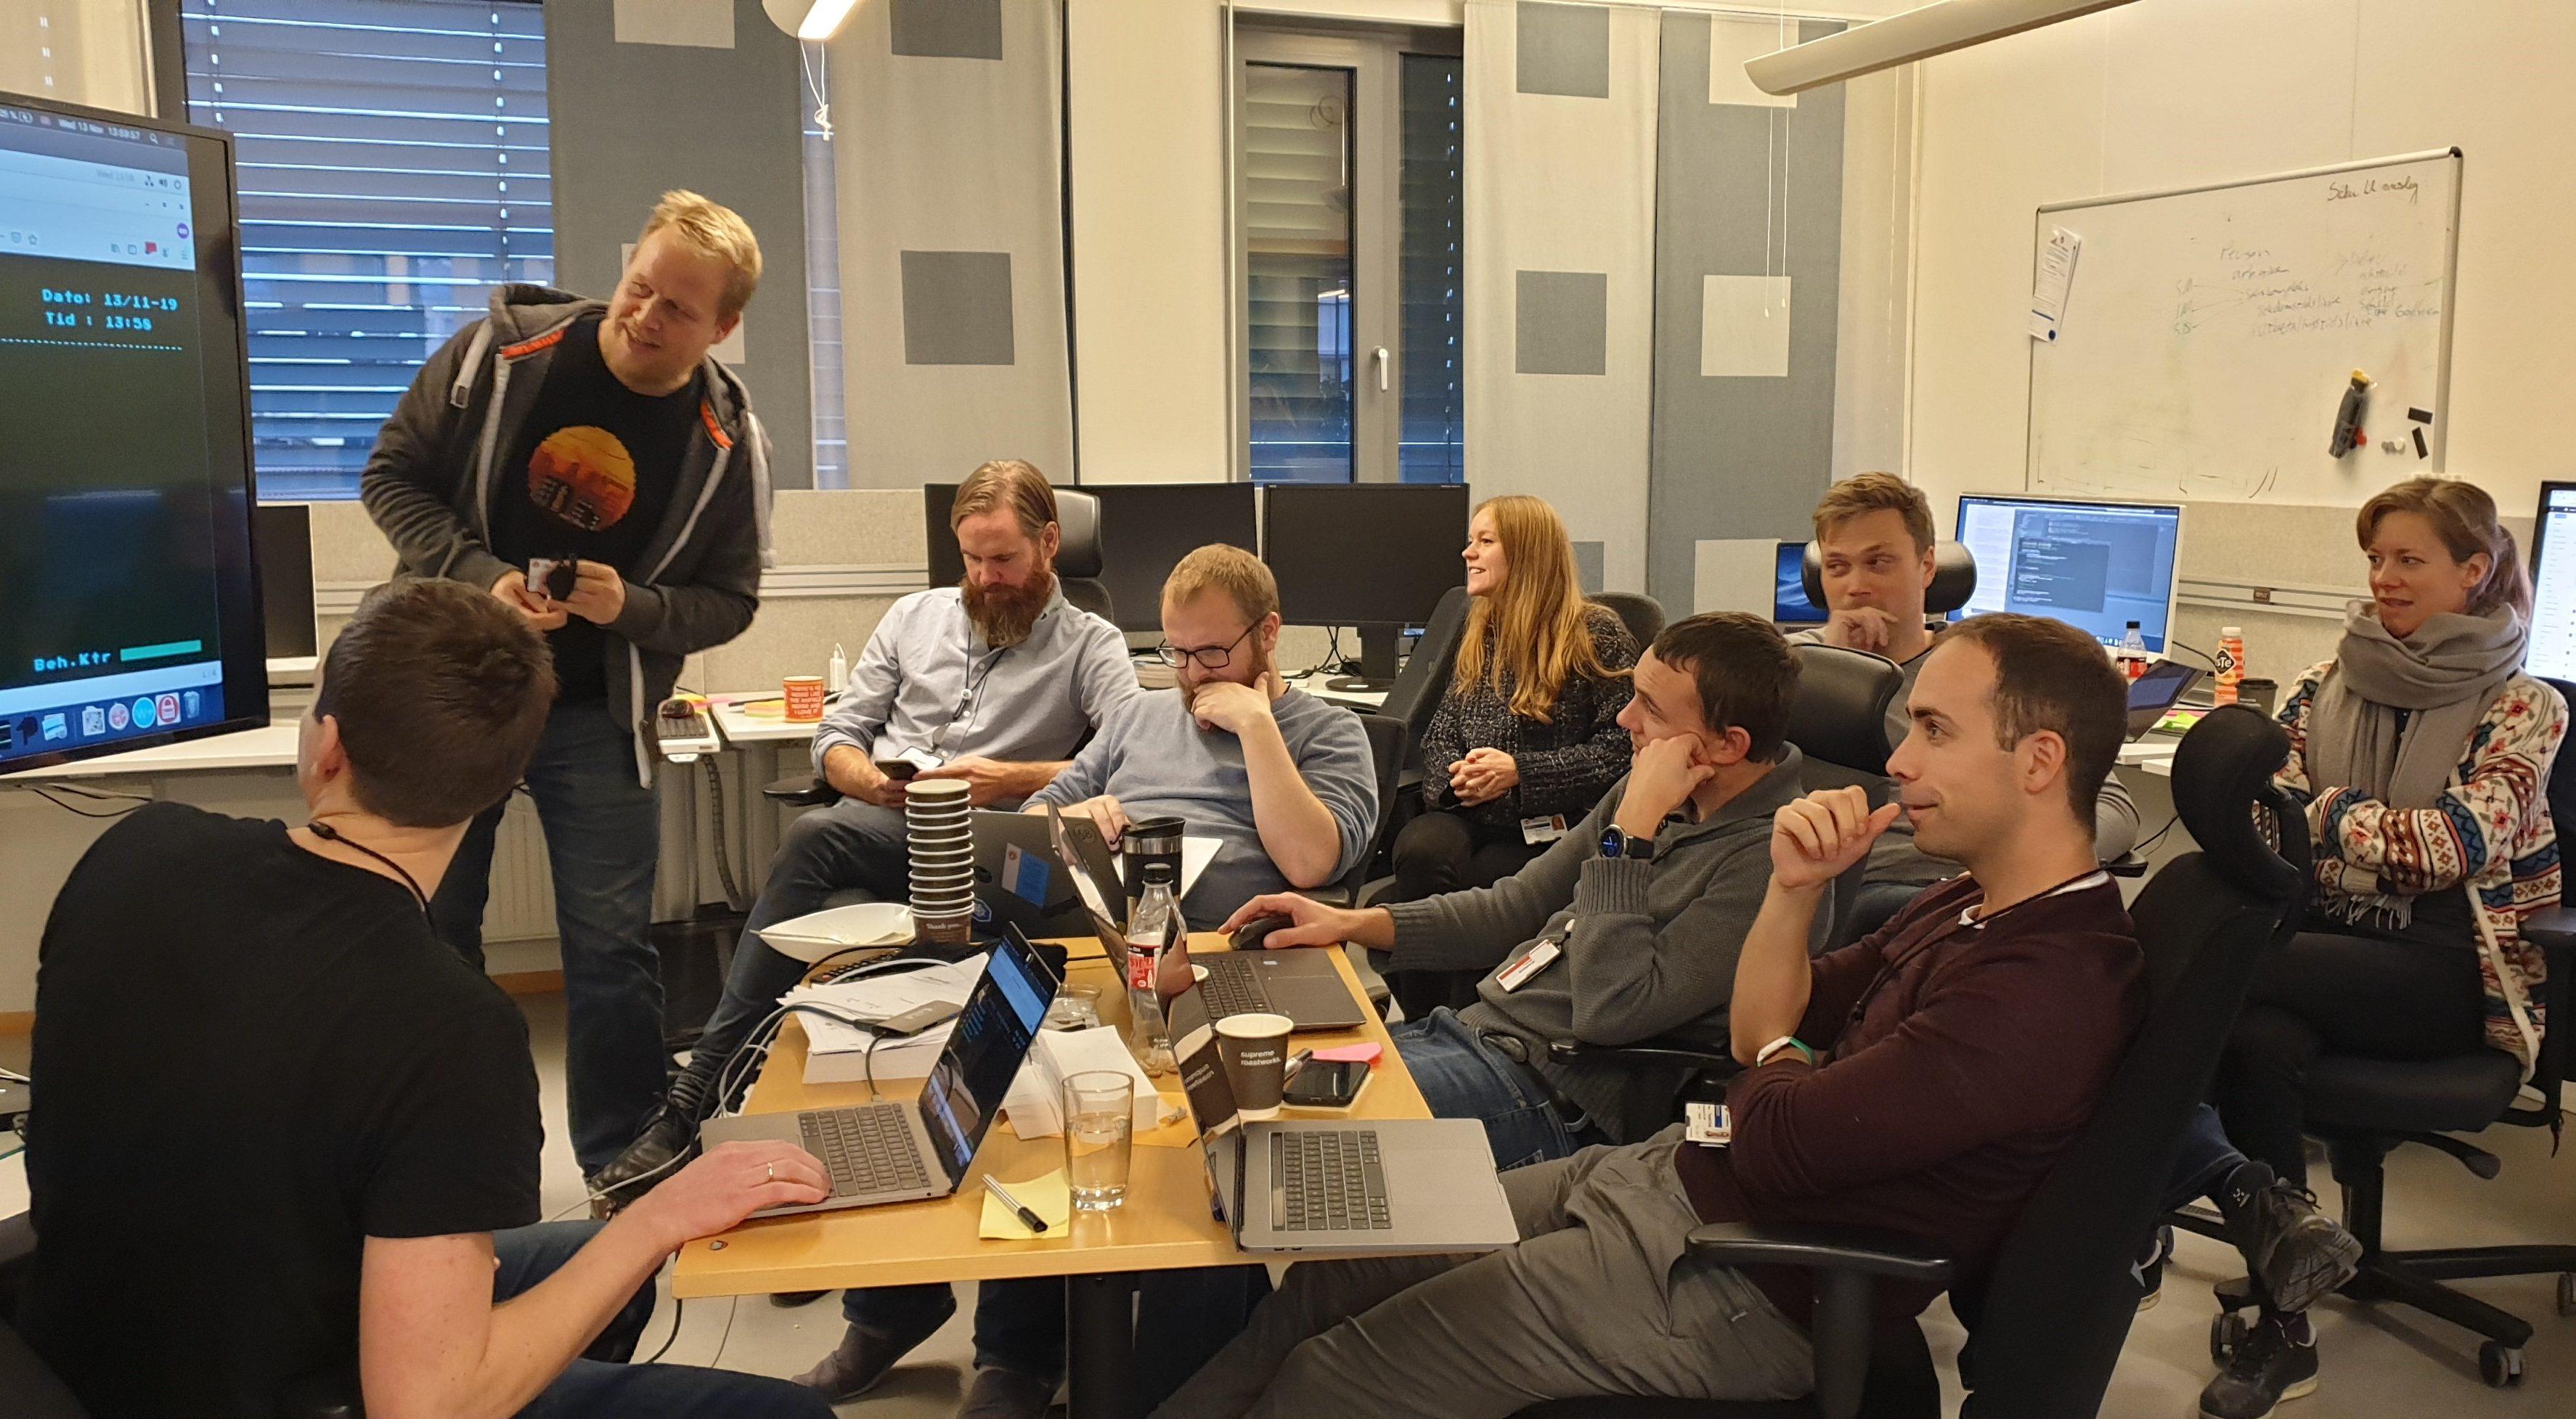 SPENTE: Utviklerne og designeren gjør siste test før den aller første saken blir sendt til utbetaling. Saksbehandlingssystemet Infotrygd på skjermen til venstre.